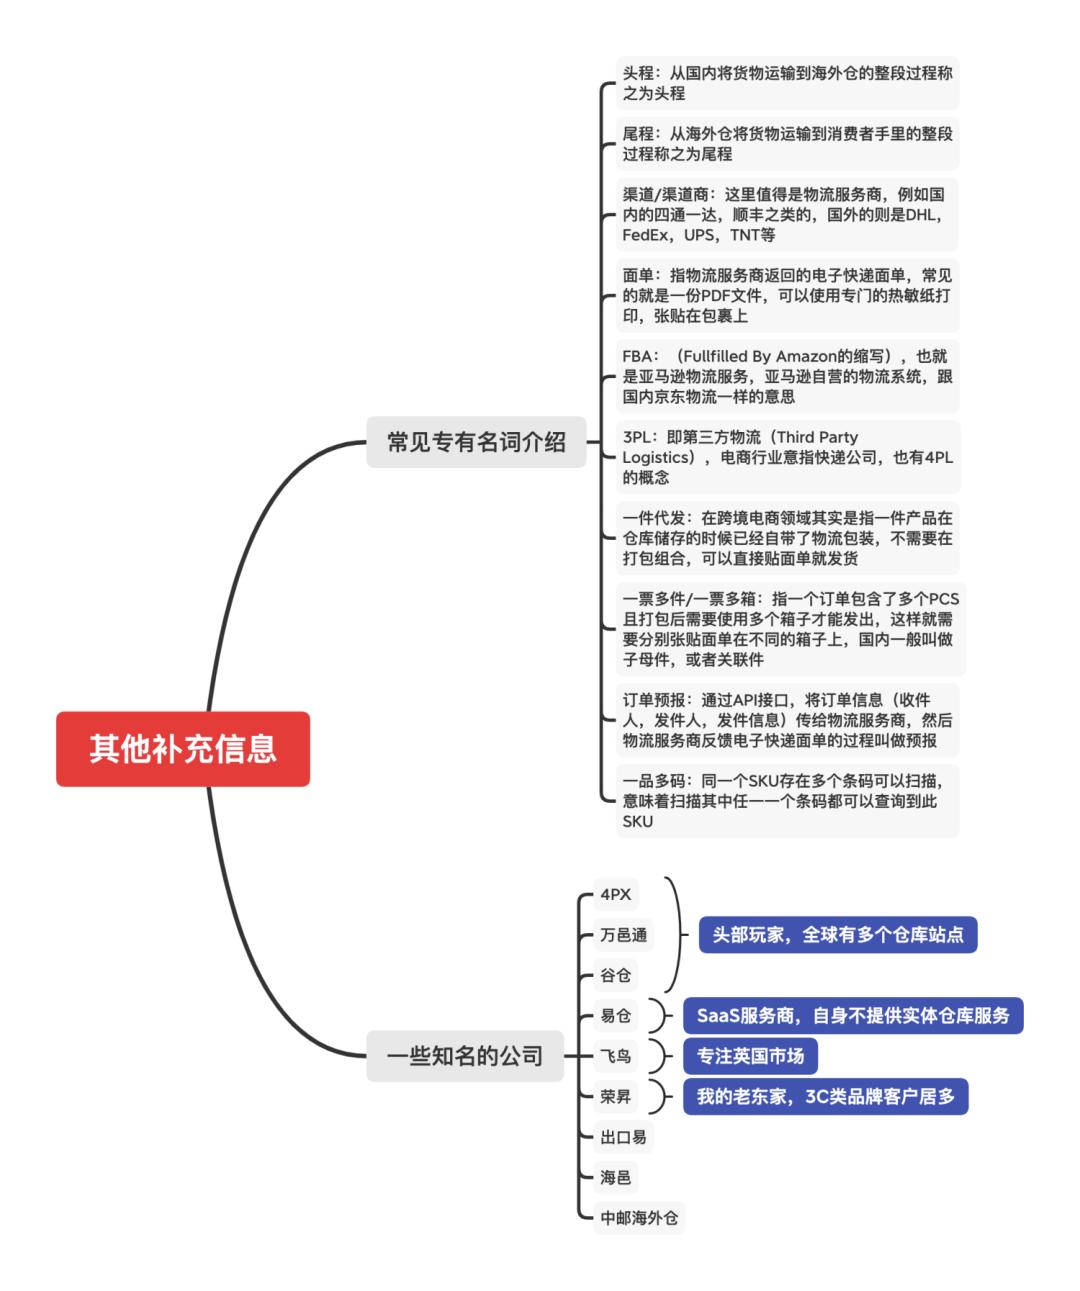 跨境电商海外仓(萌新篇):订单履行业务的介绍